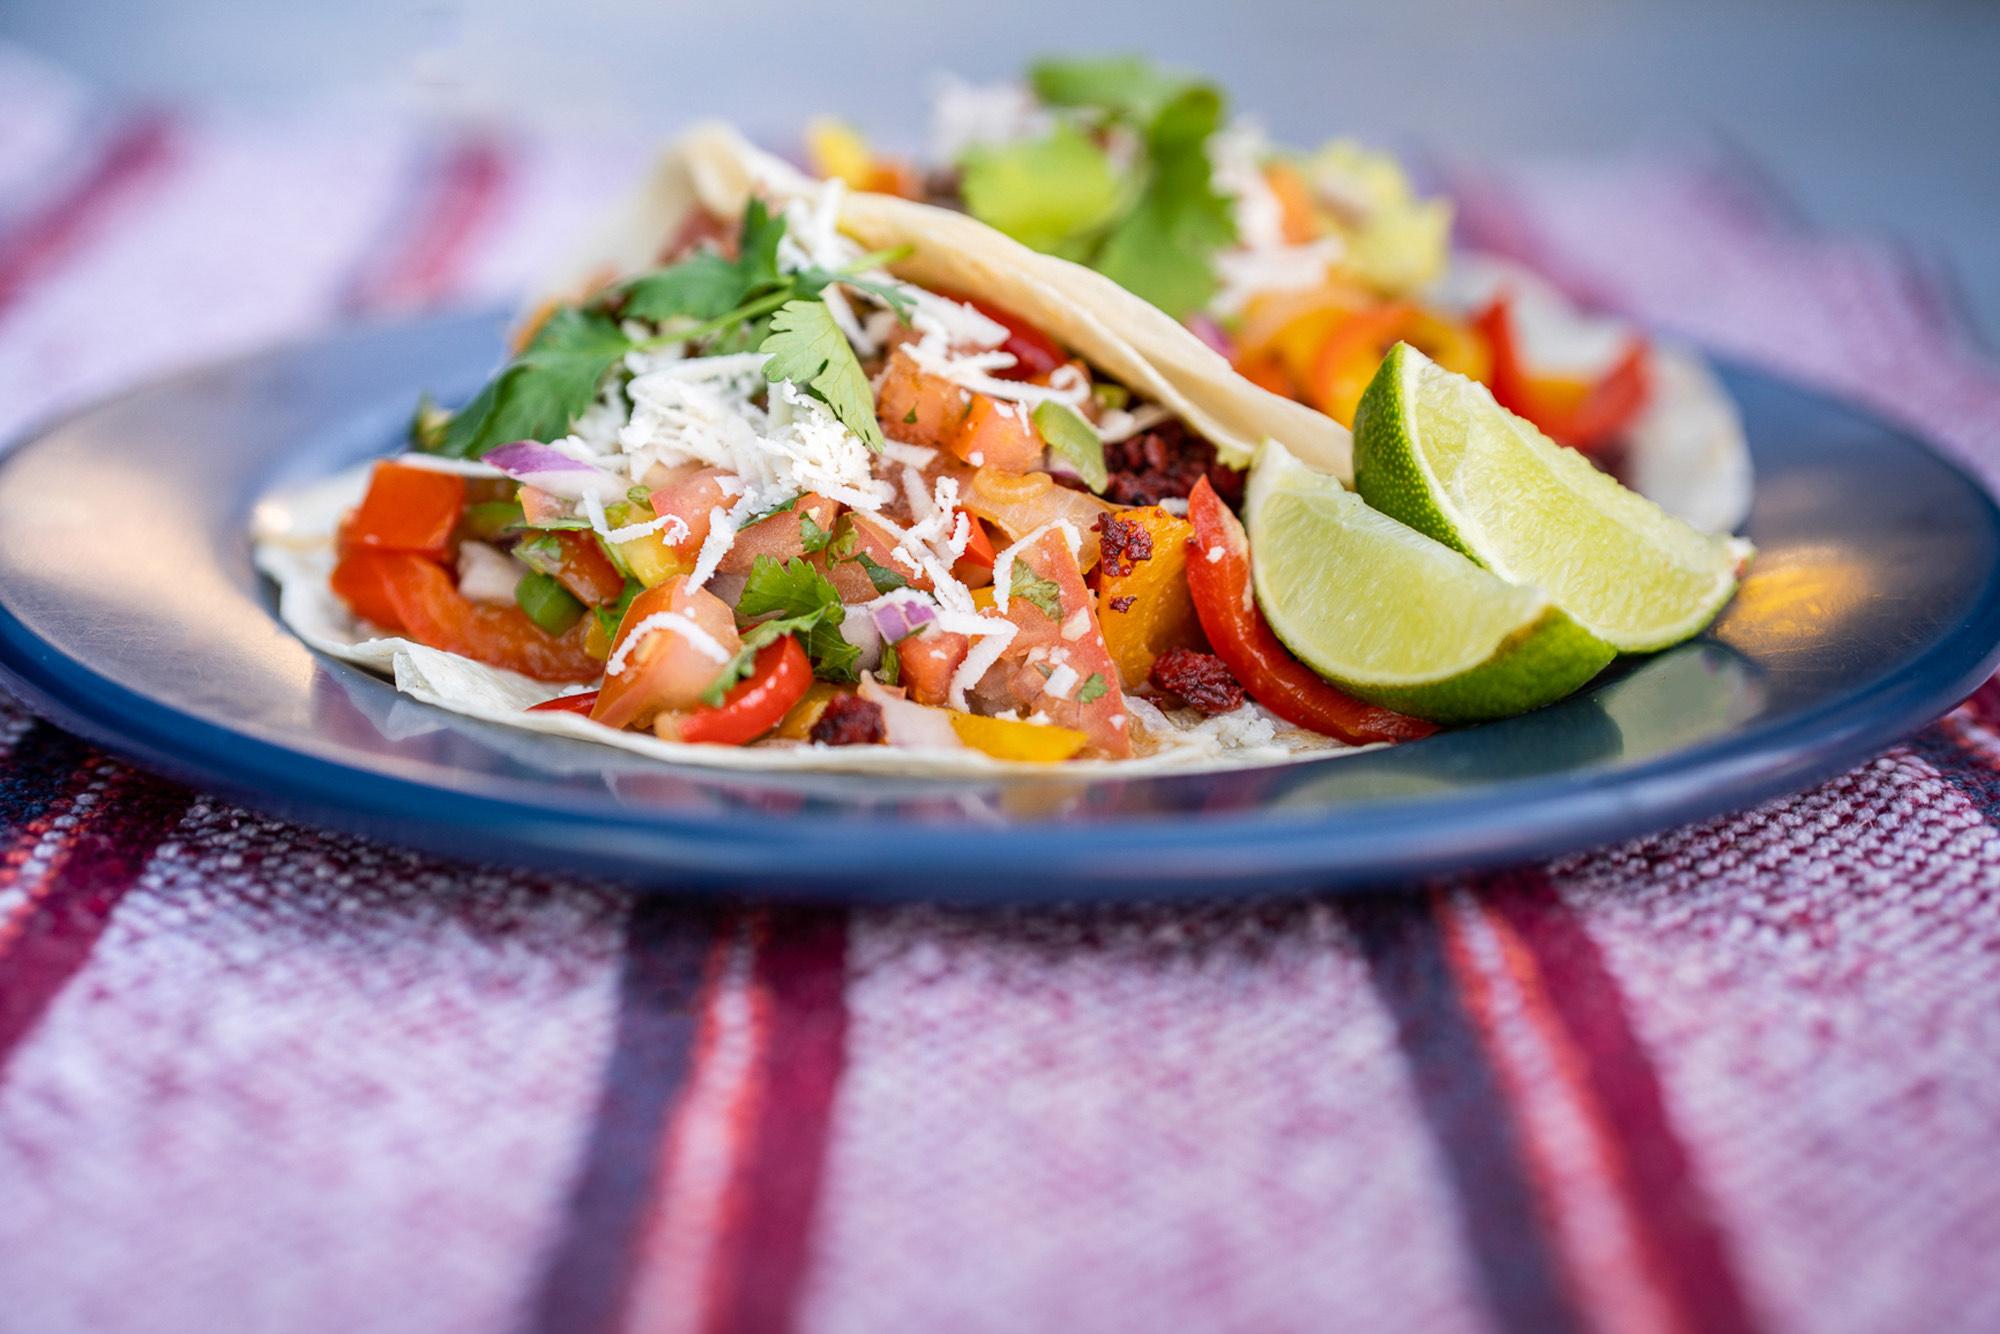 vegan-tacos-on-red-towel-1 SEA SHEPHERD